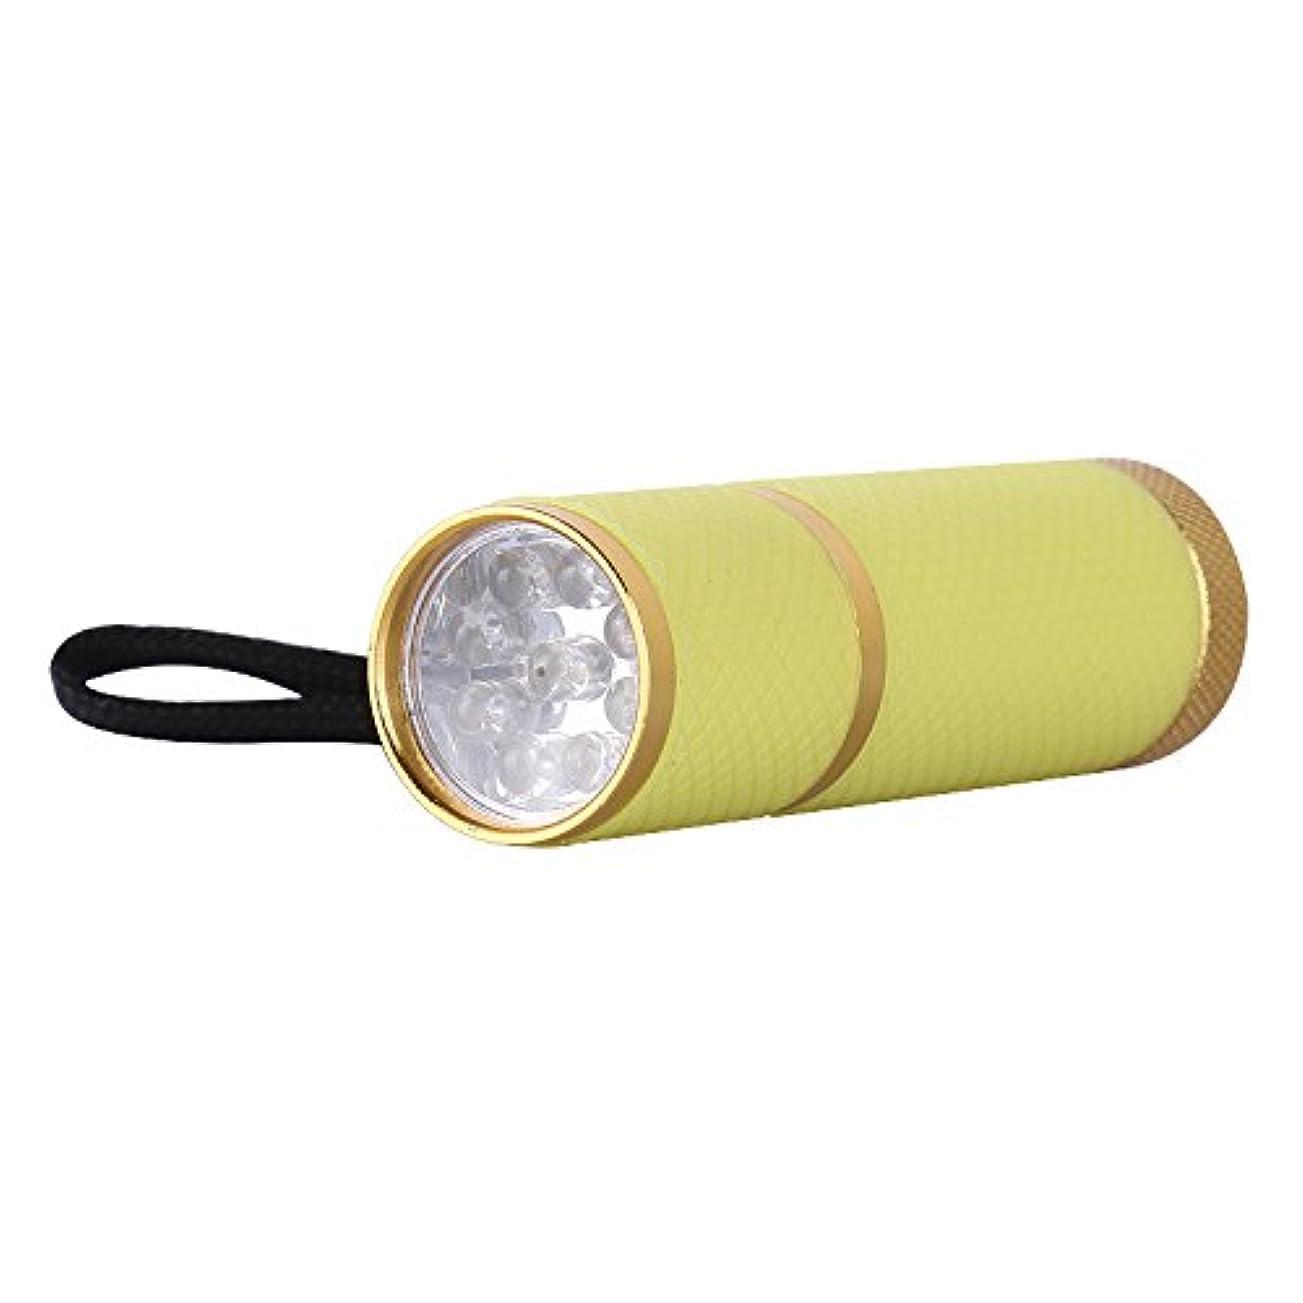 雇った宿題をするご注意ジェルネイル ライト ペン型 9w 黄色 9灯付き 速いネイル硬化 UVジェルも対応 4色選べる (イエロー)